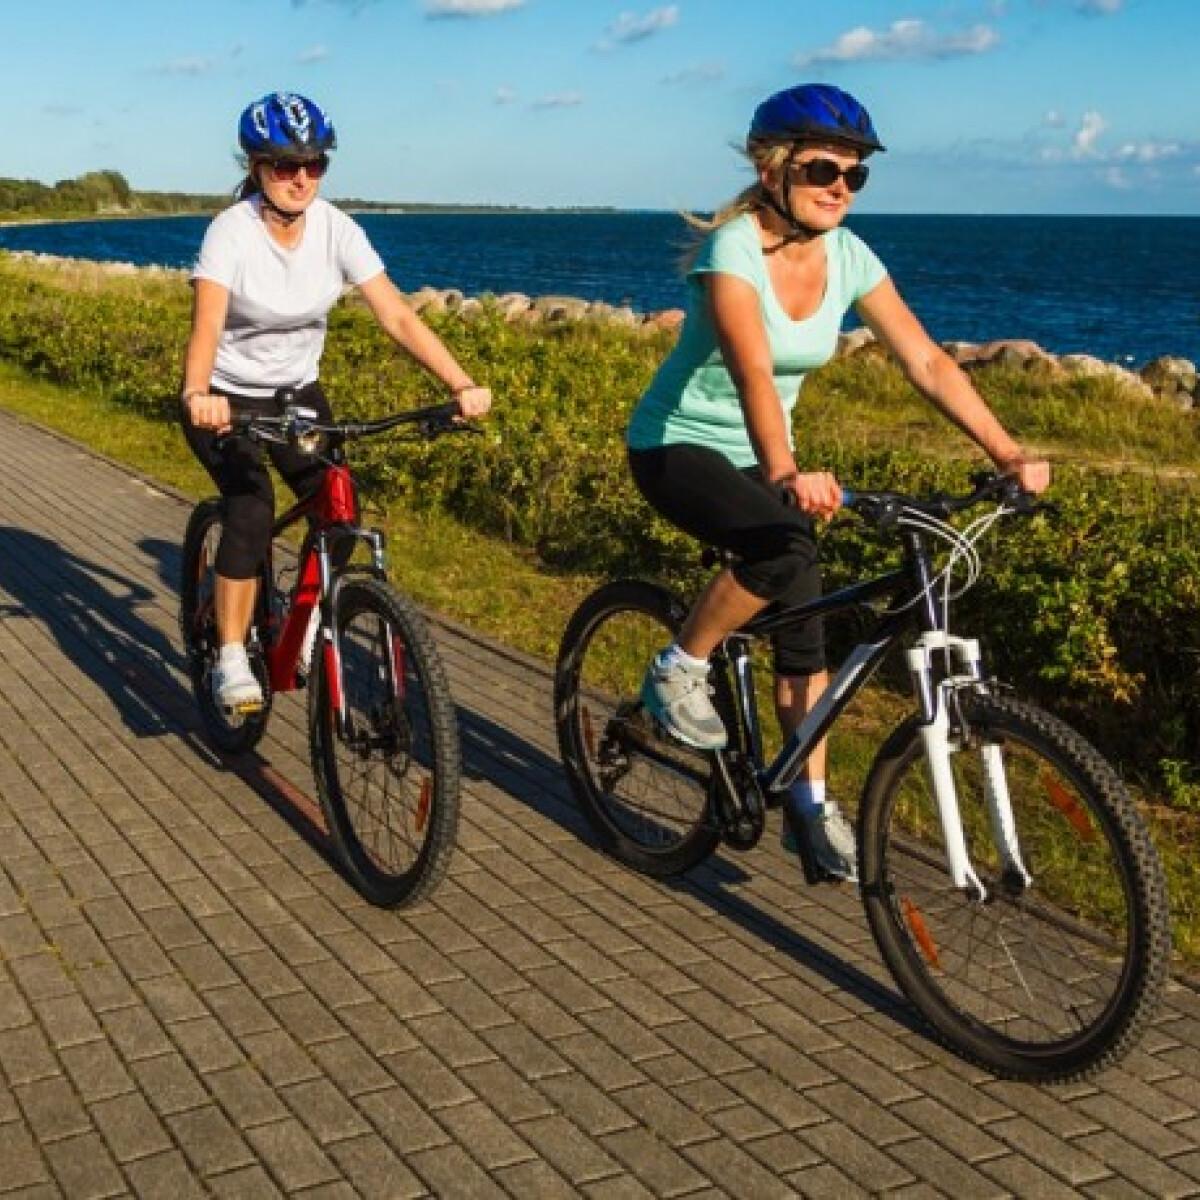 Légy aktív a nyaralás alatt - fedezd fel bringával az országot! 5 bringaútvonaltipp edző szakértőnktől